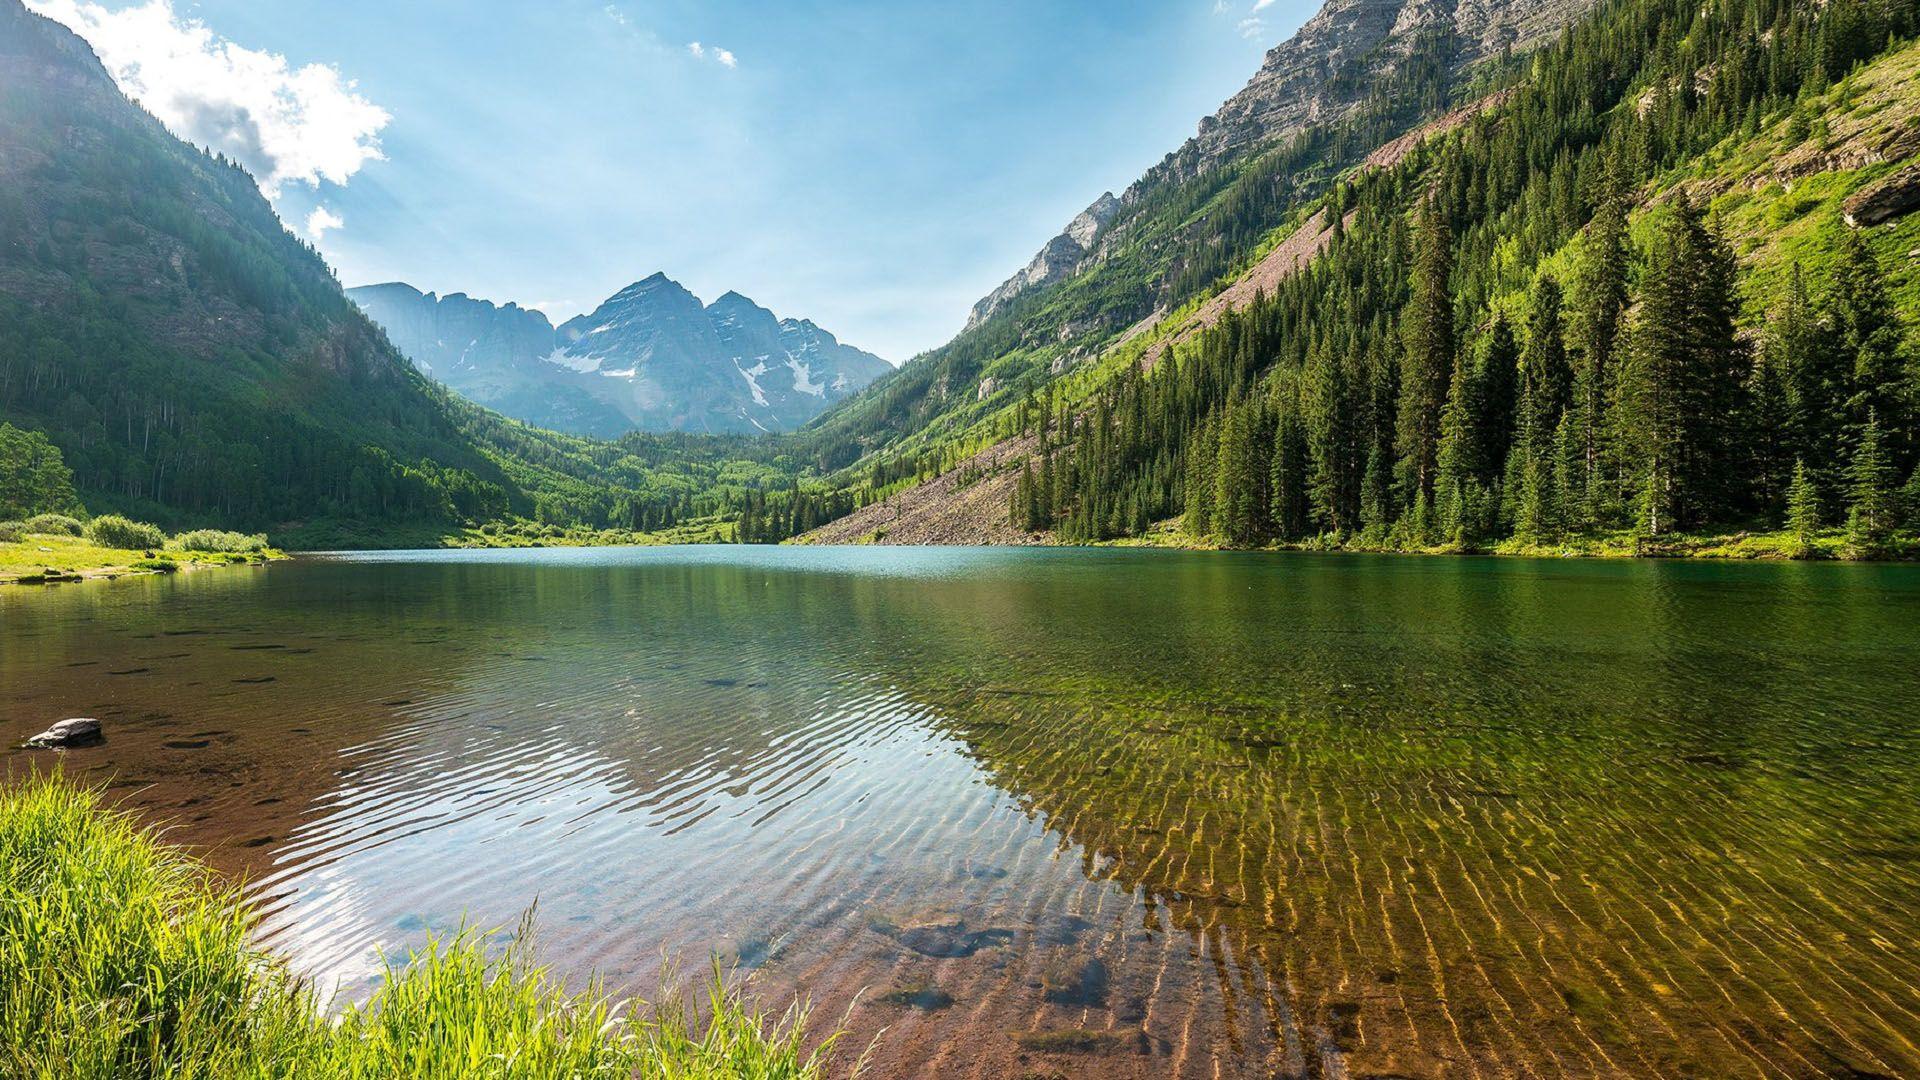 Harika doğa manzaraları